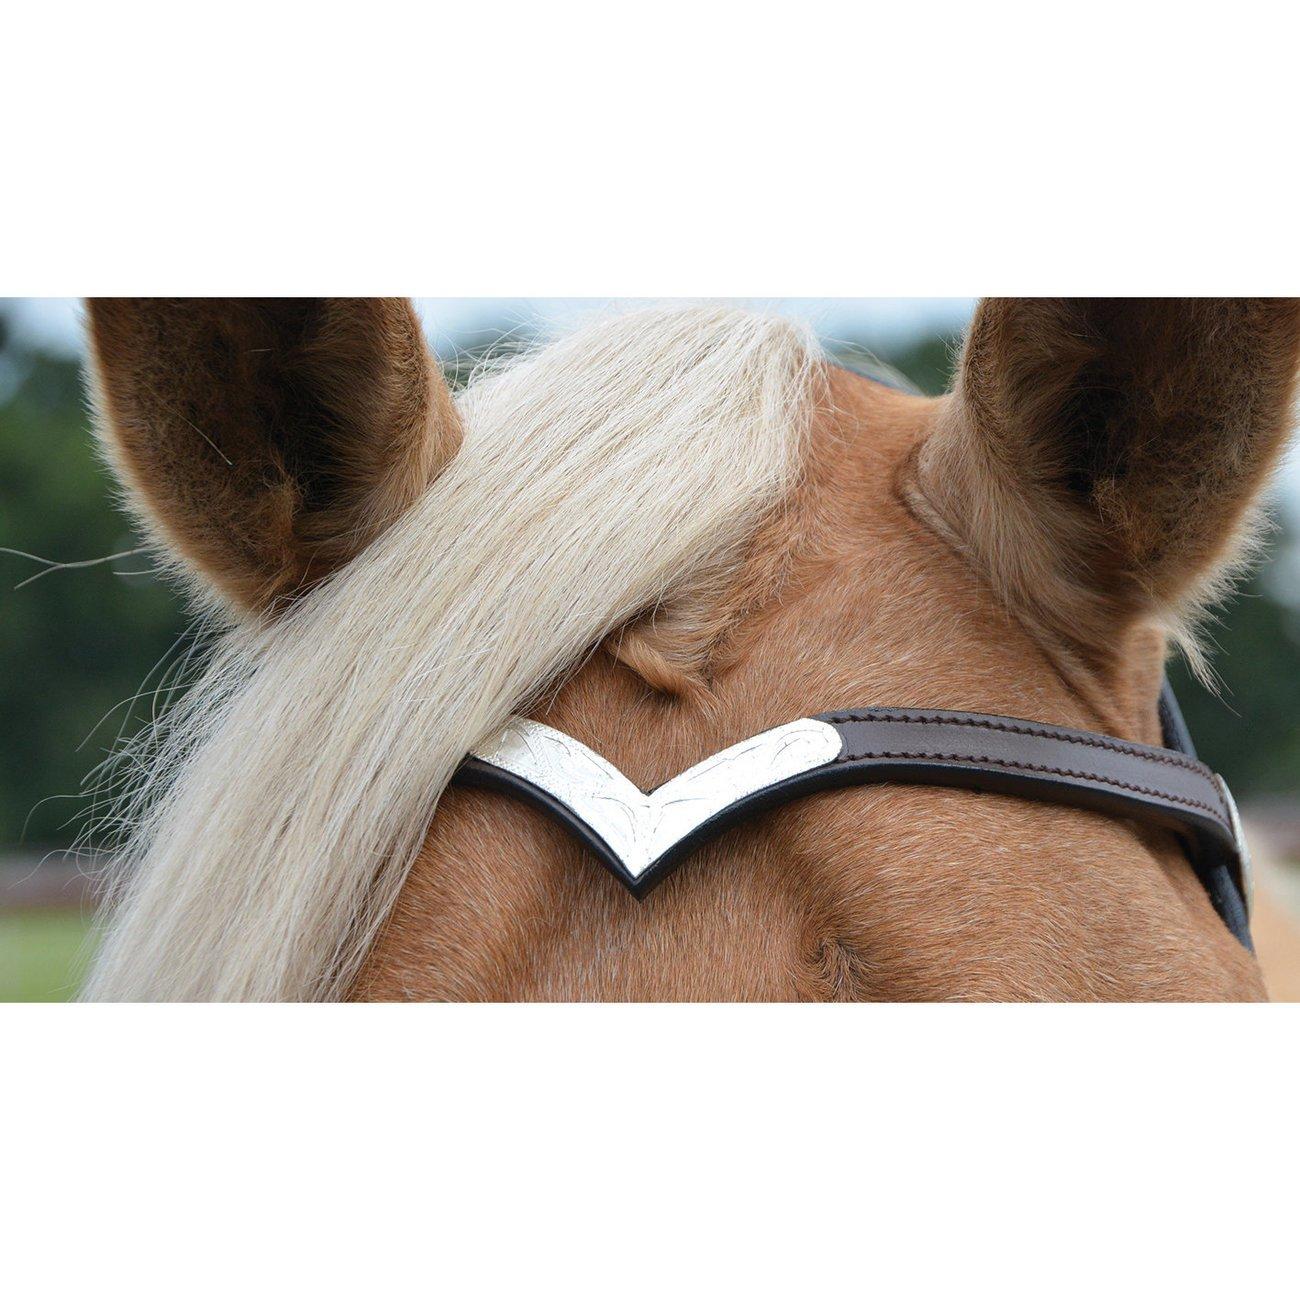 WILDHORN Kopfstück Colt Silver mit Zügeln, Bild 3